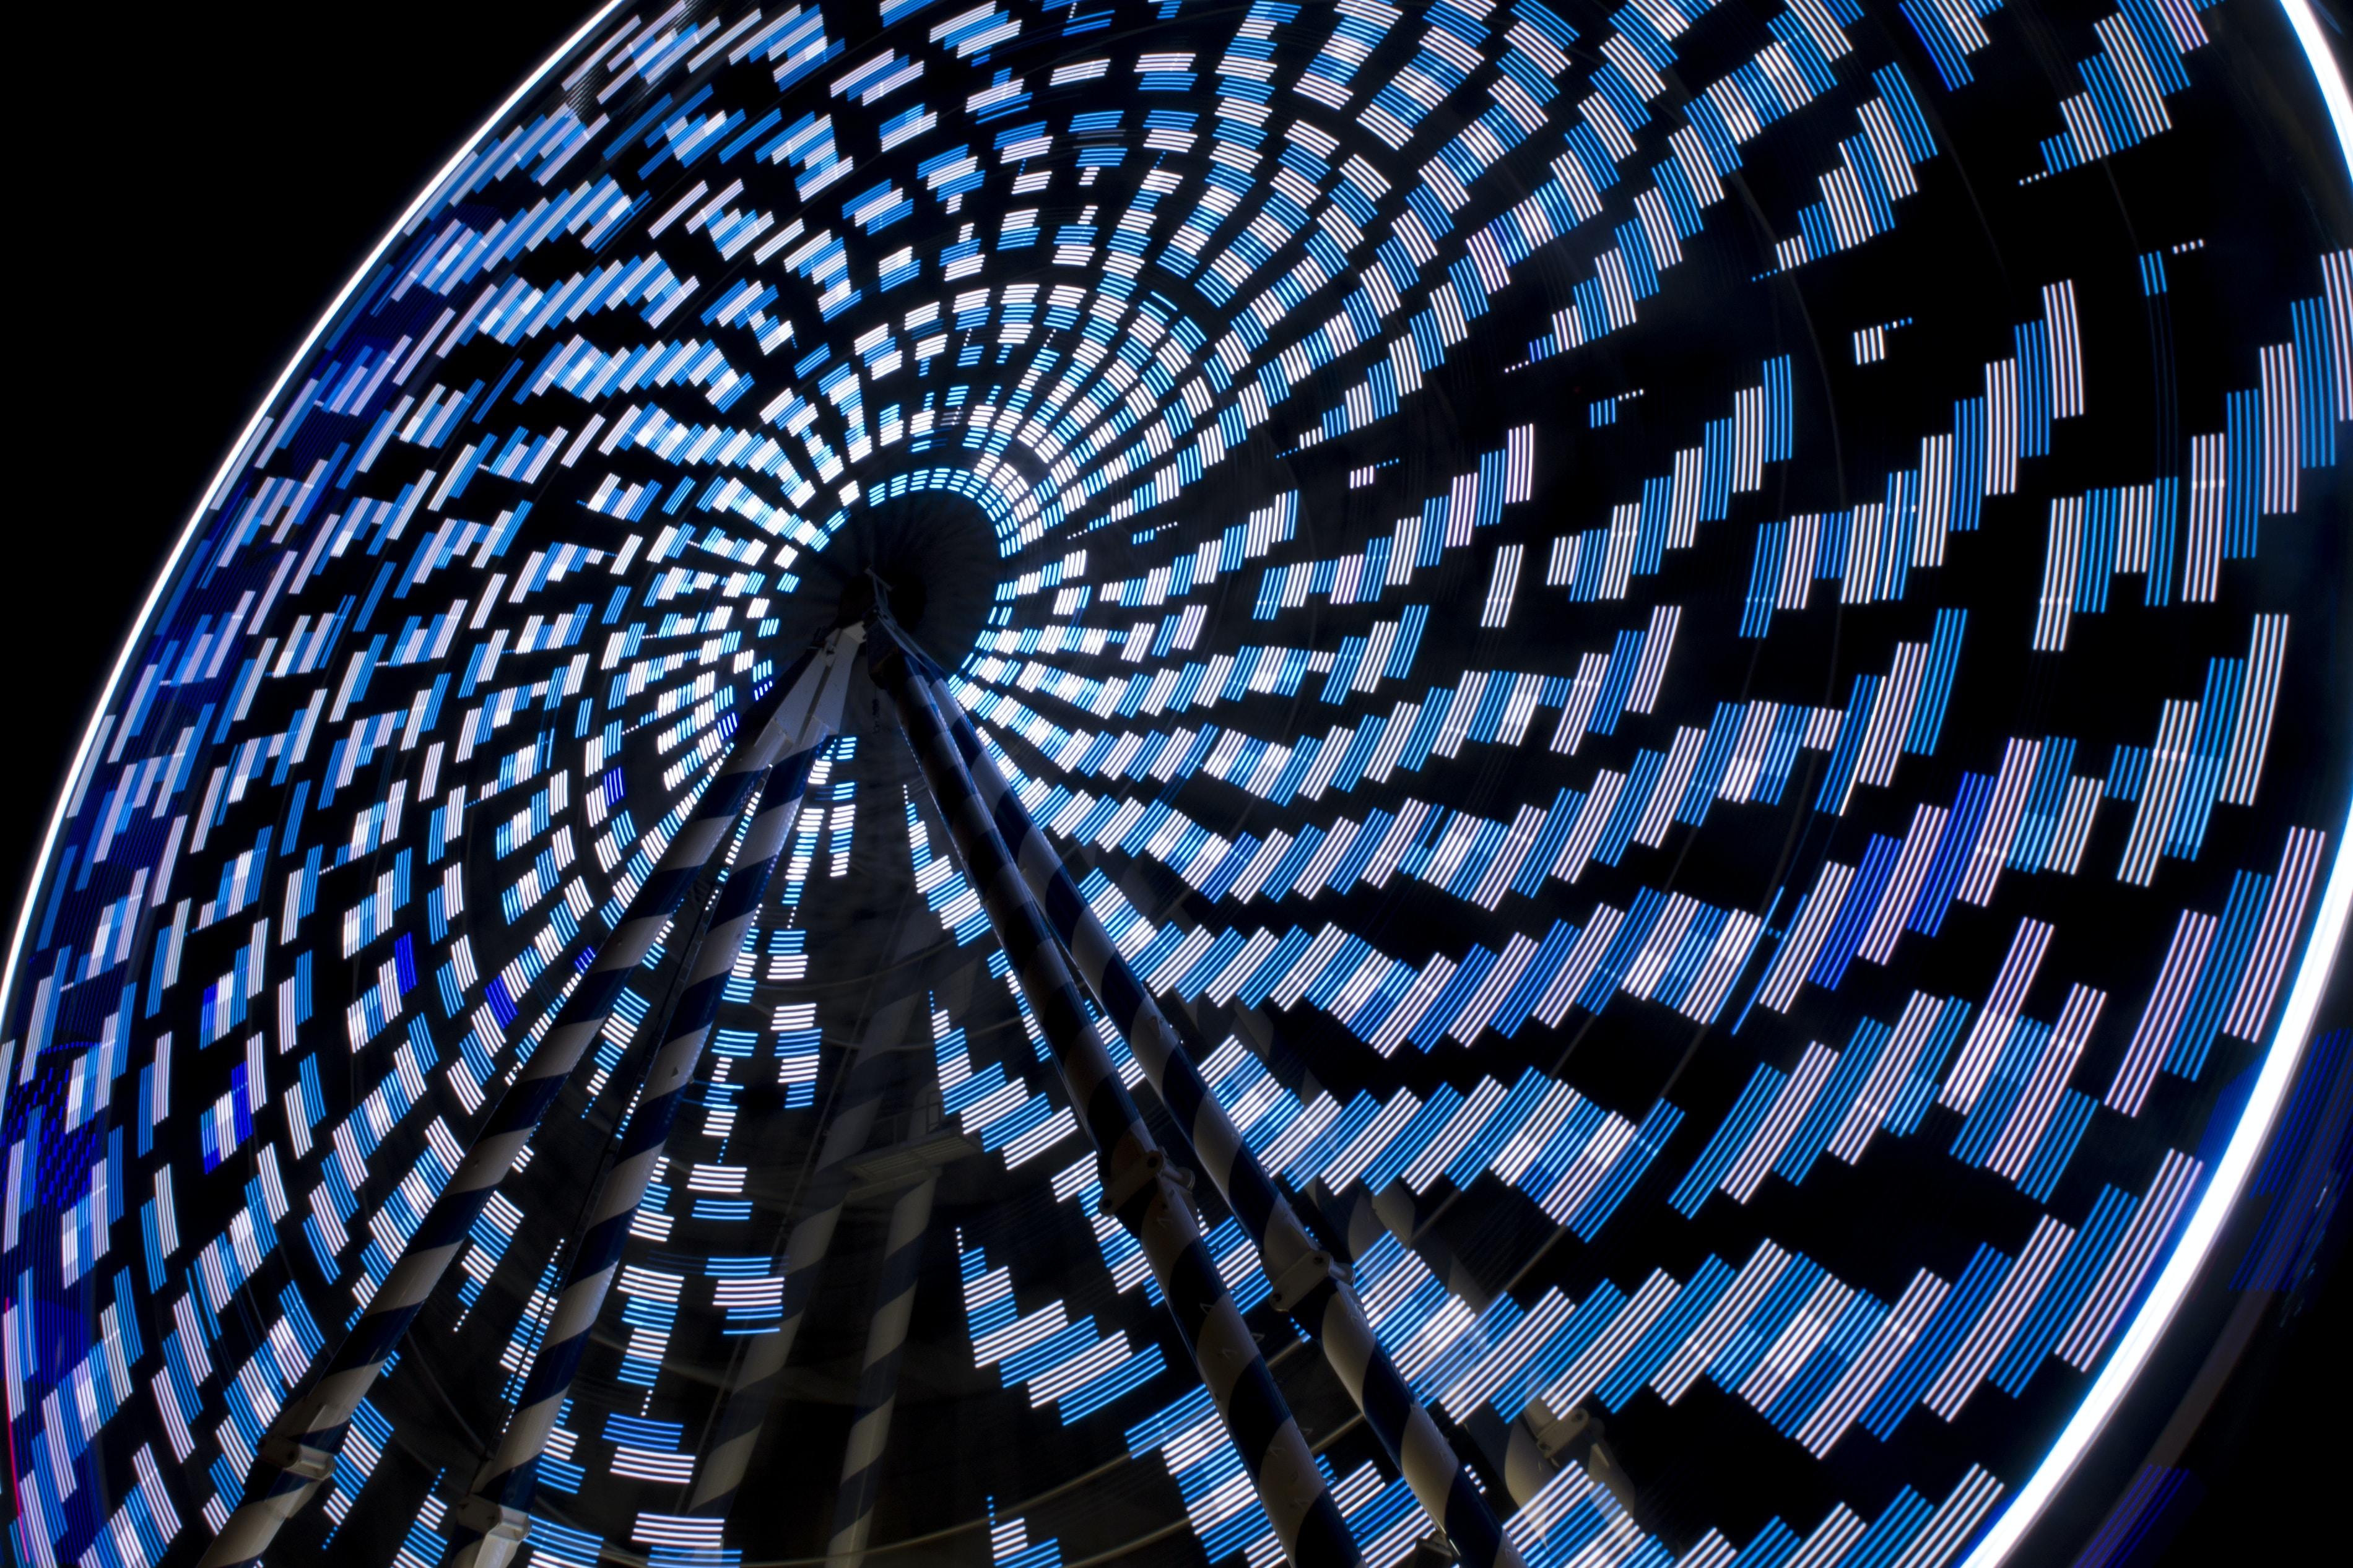 time lapse photo of ferris wheel